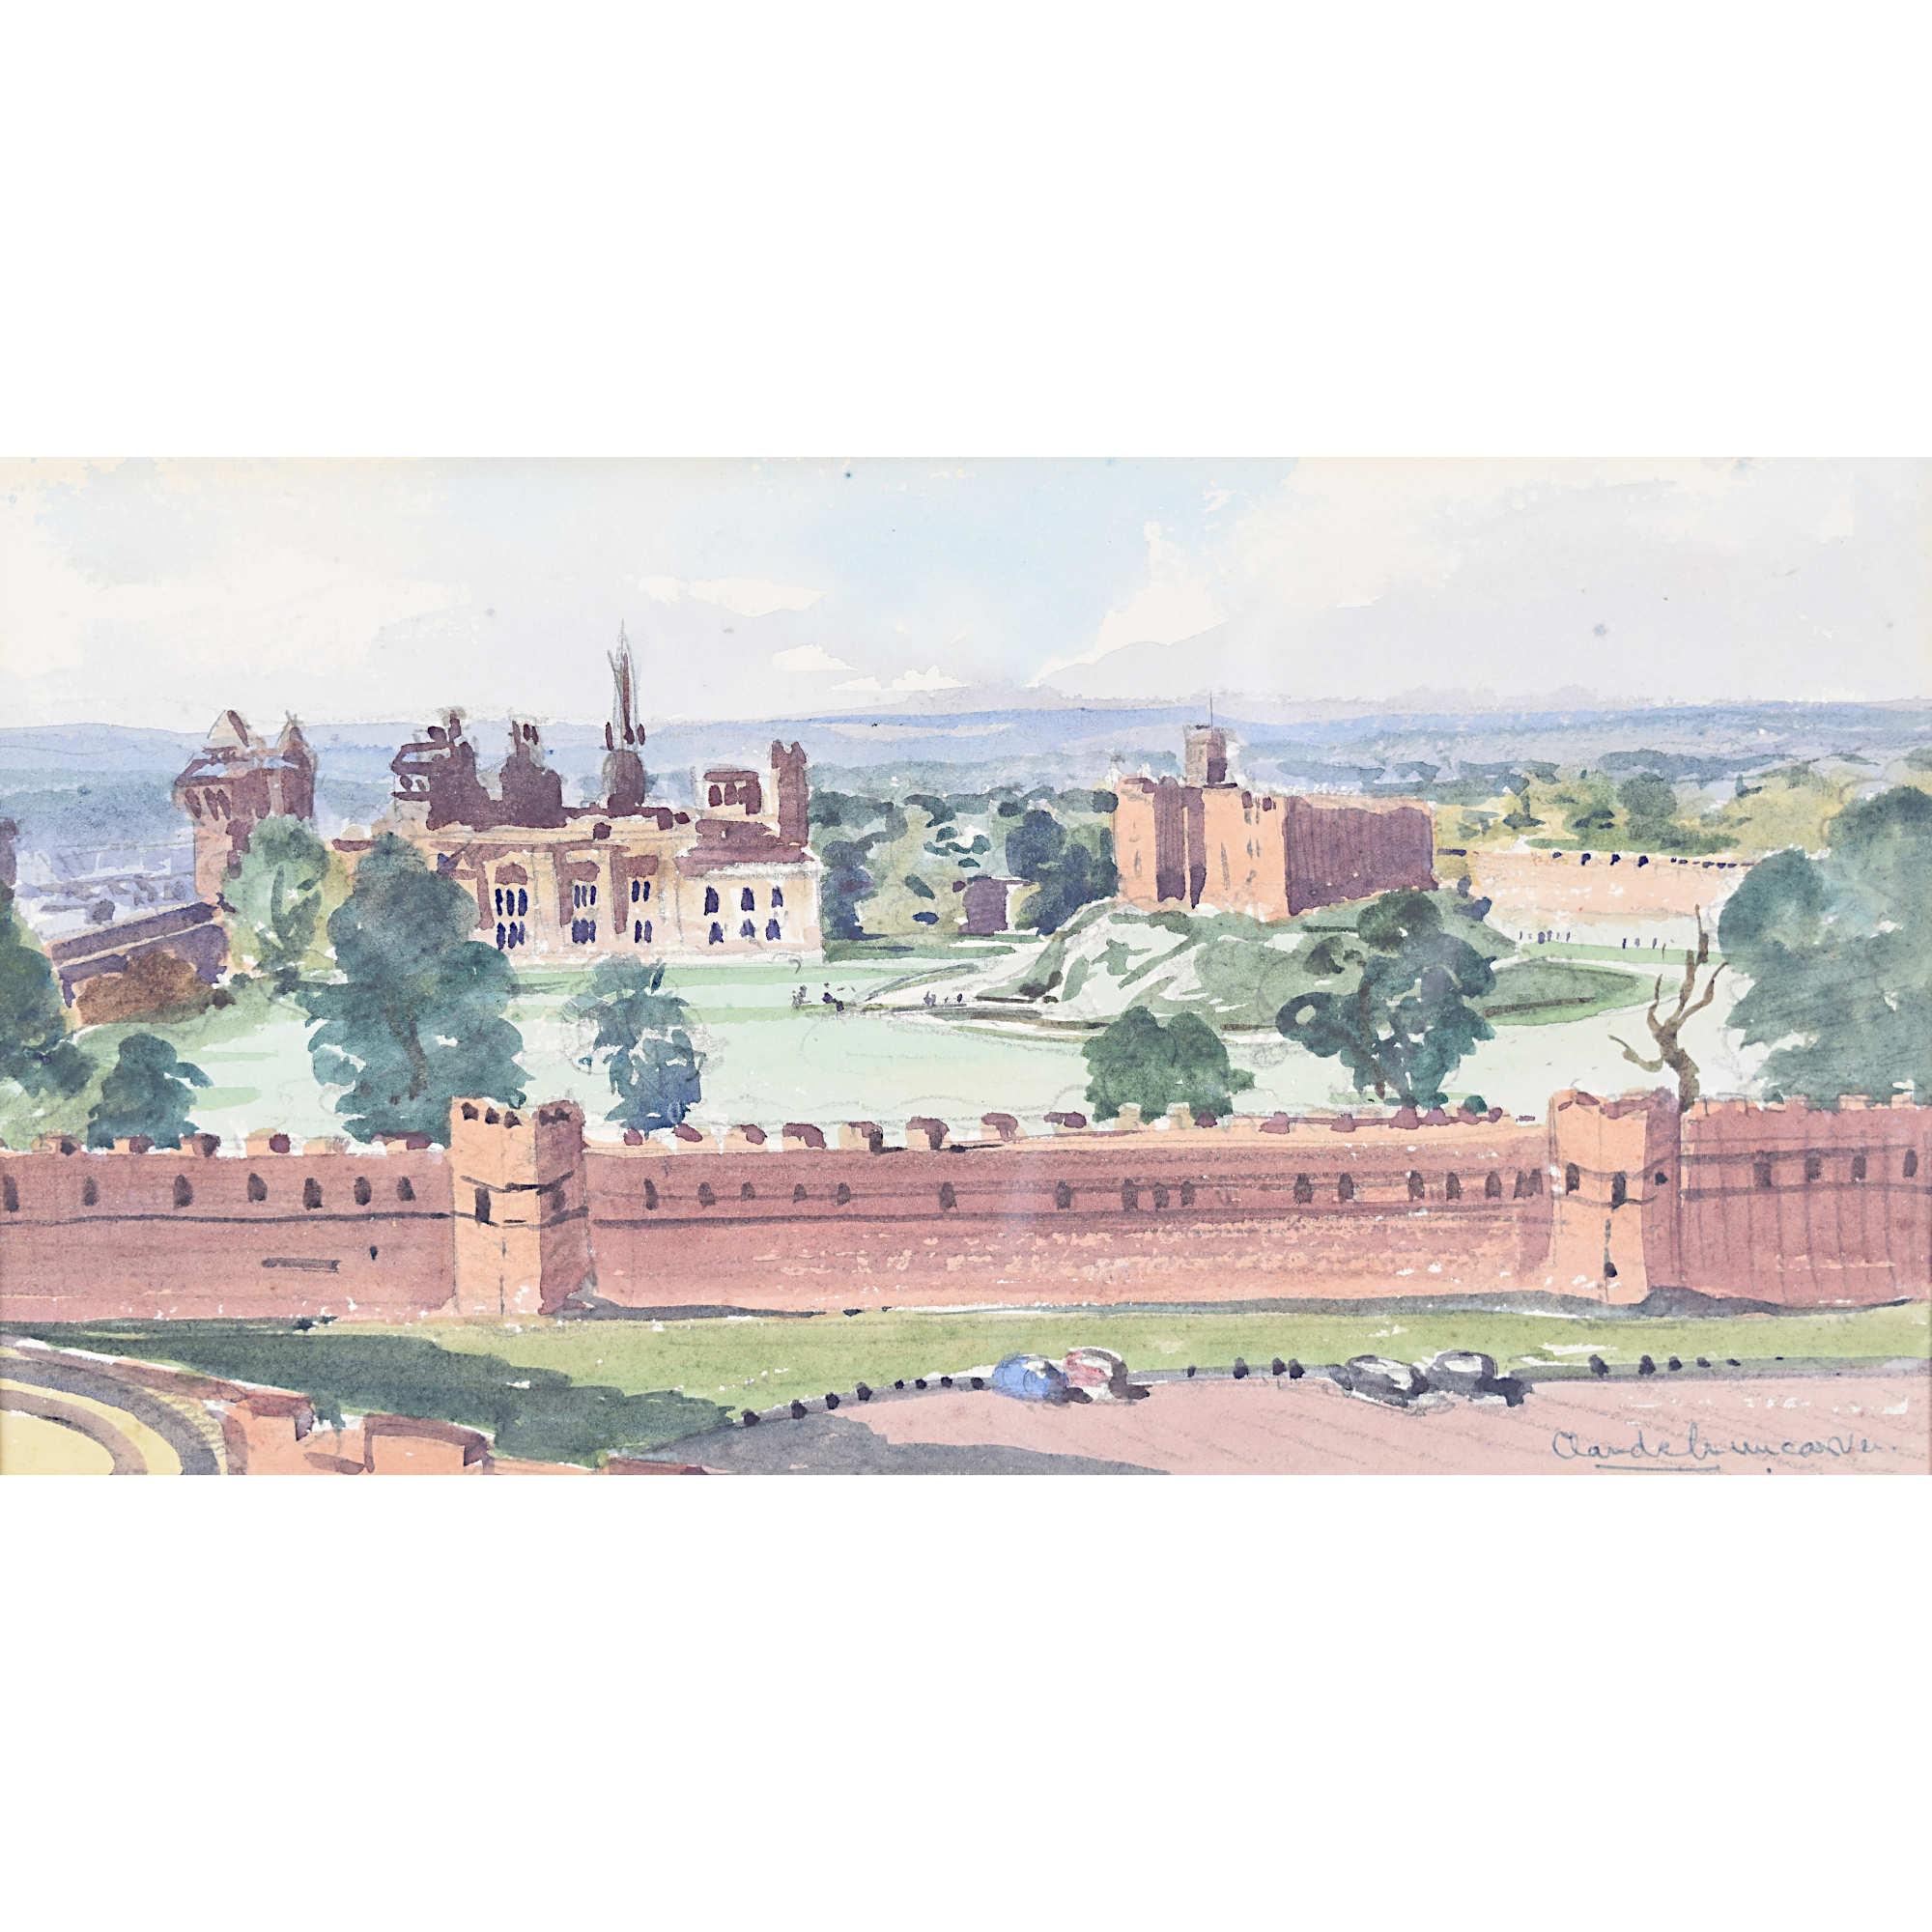 Claude Muncaster Cardiff Castle Wales Watercolour painting